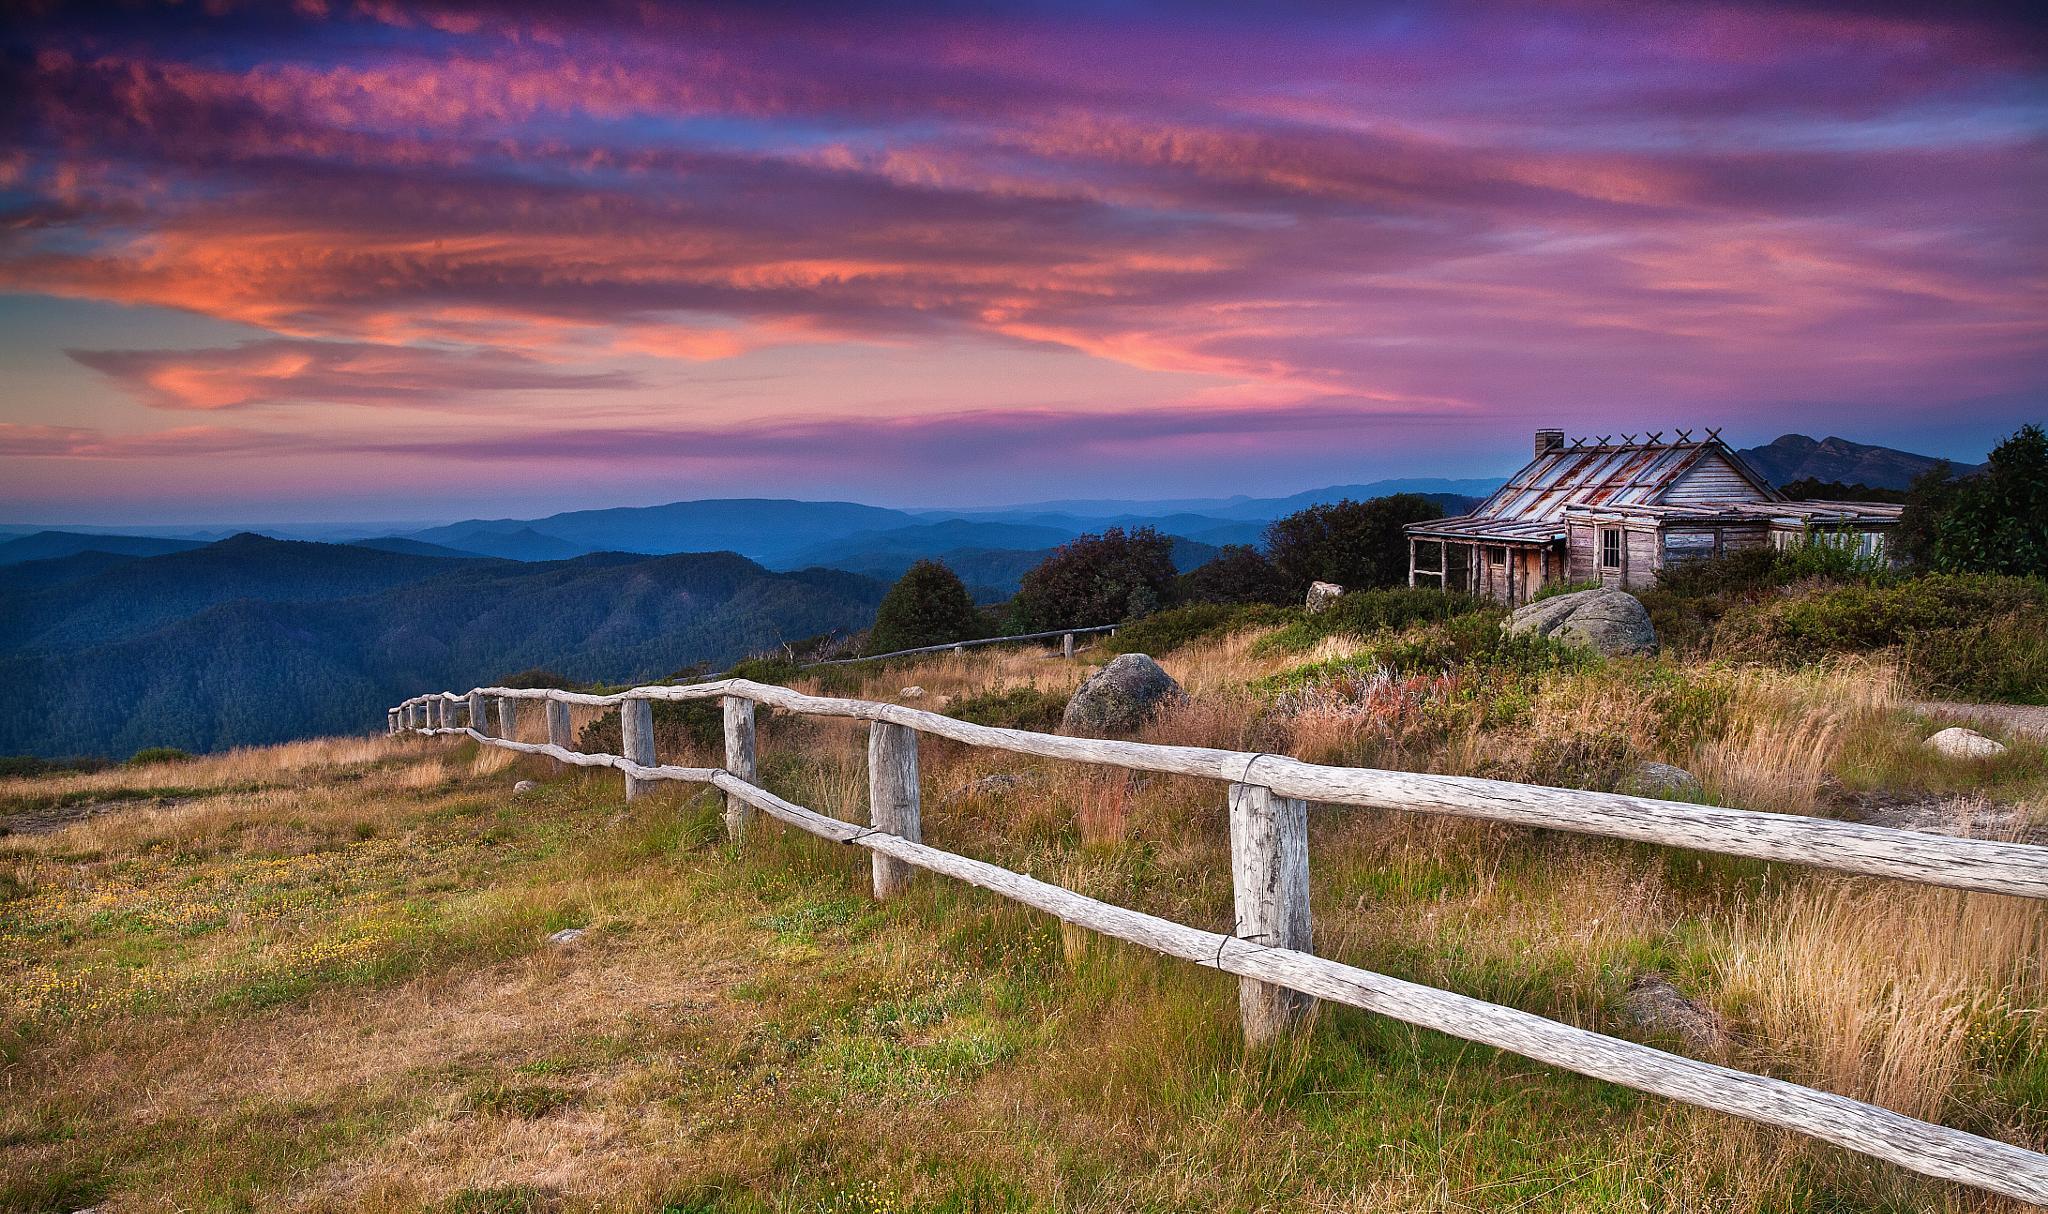 High Country by JohnDekker